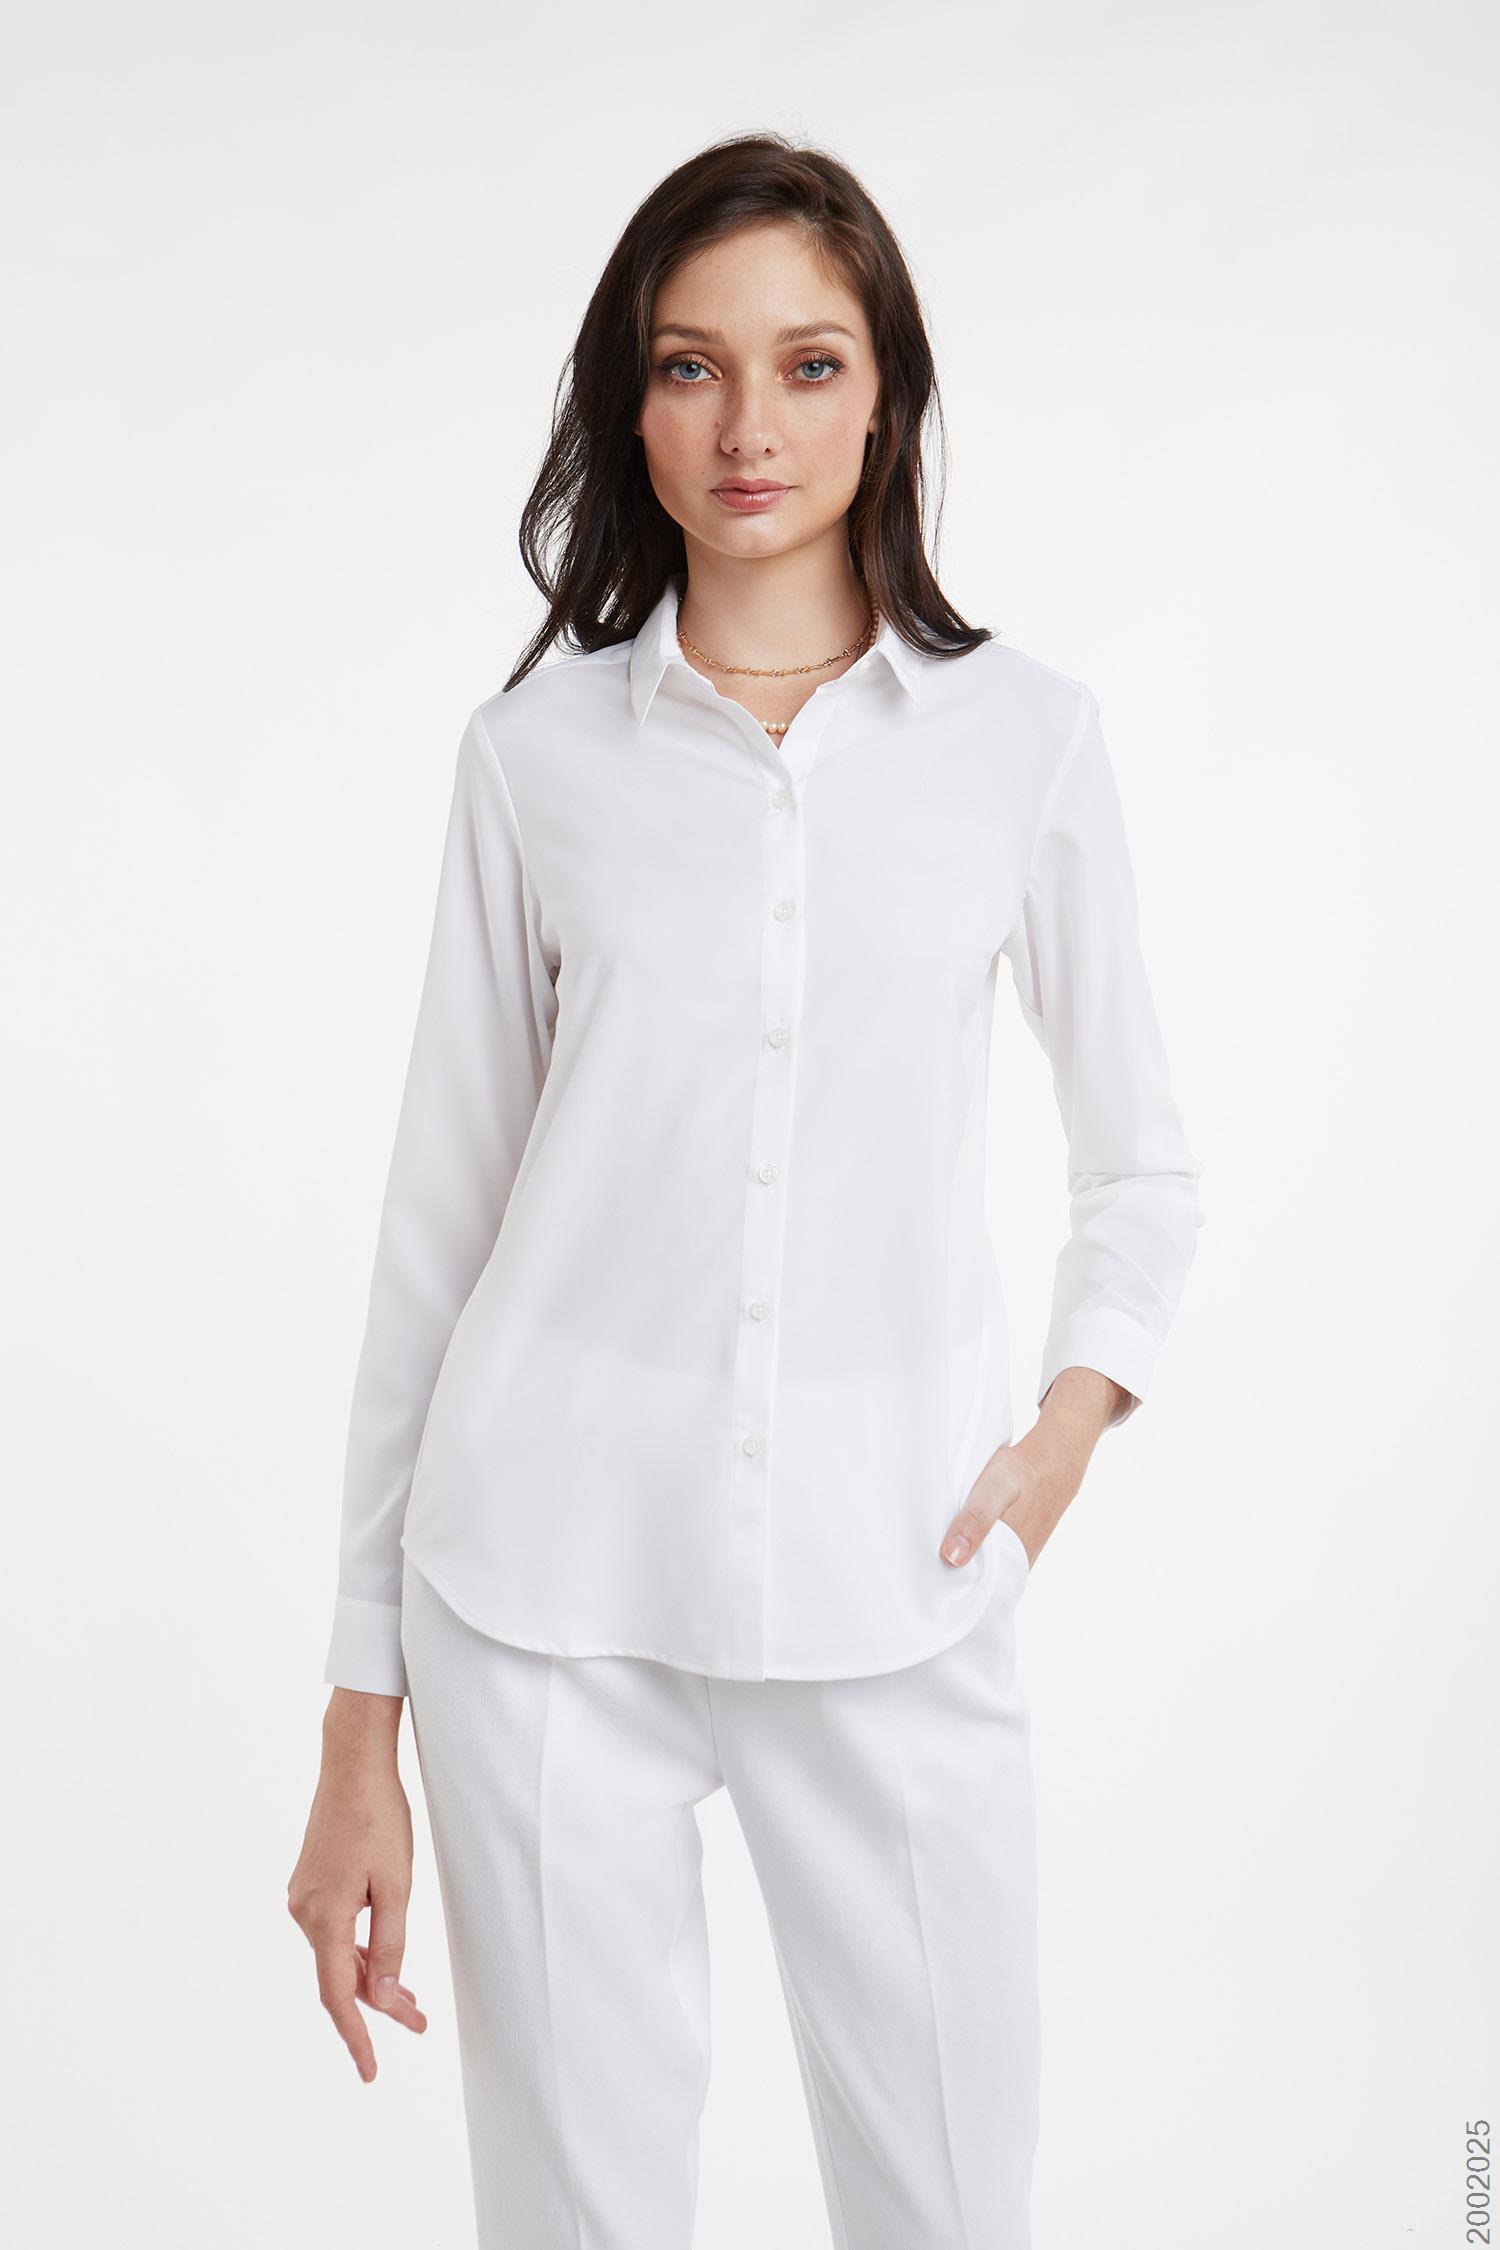 áo sơmi nữ tay dài - 2002025